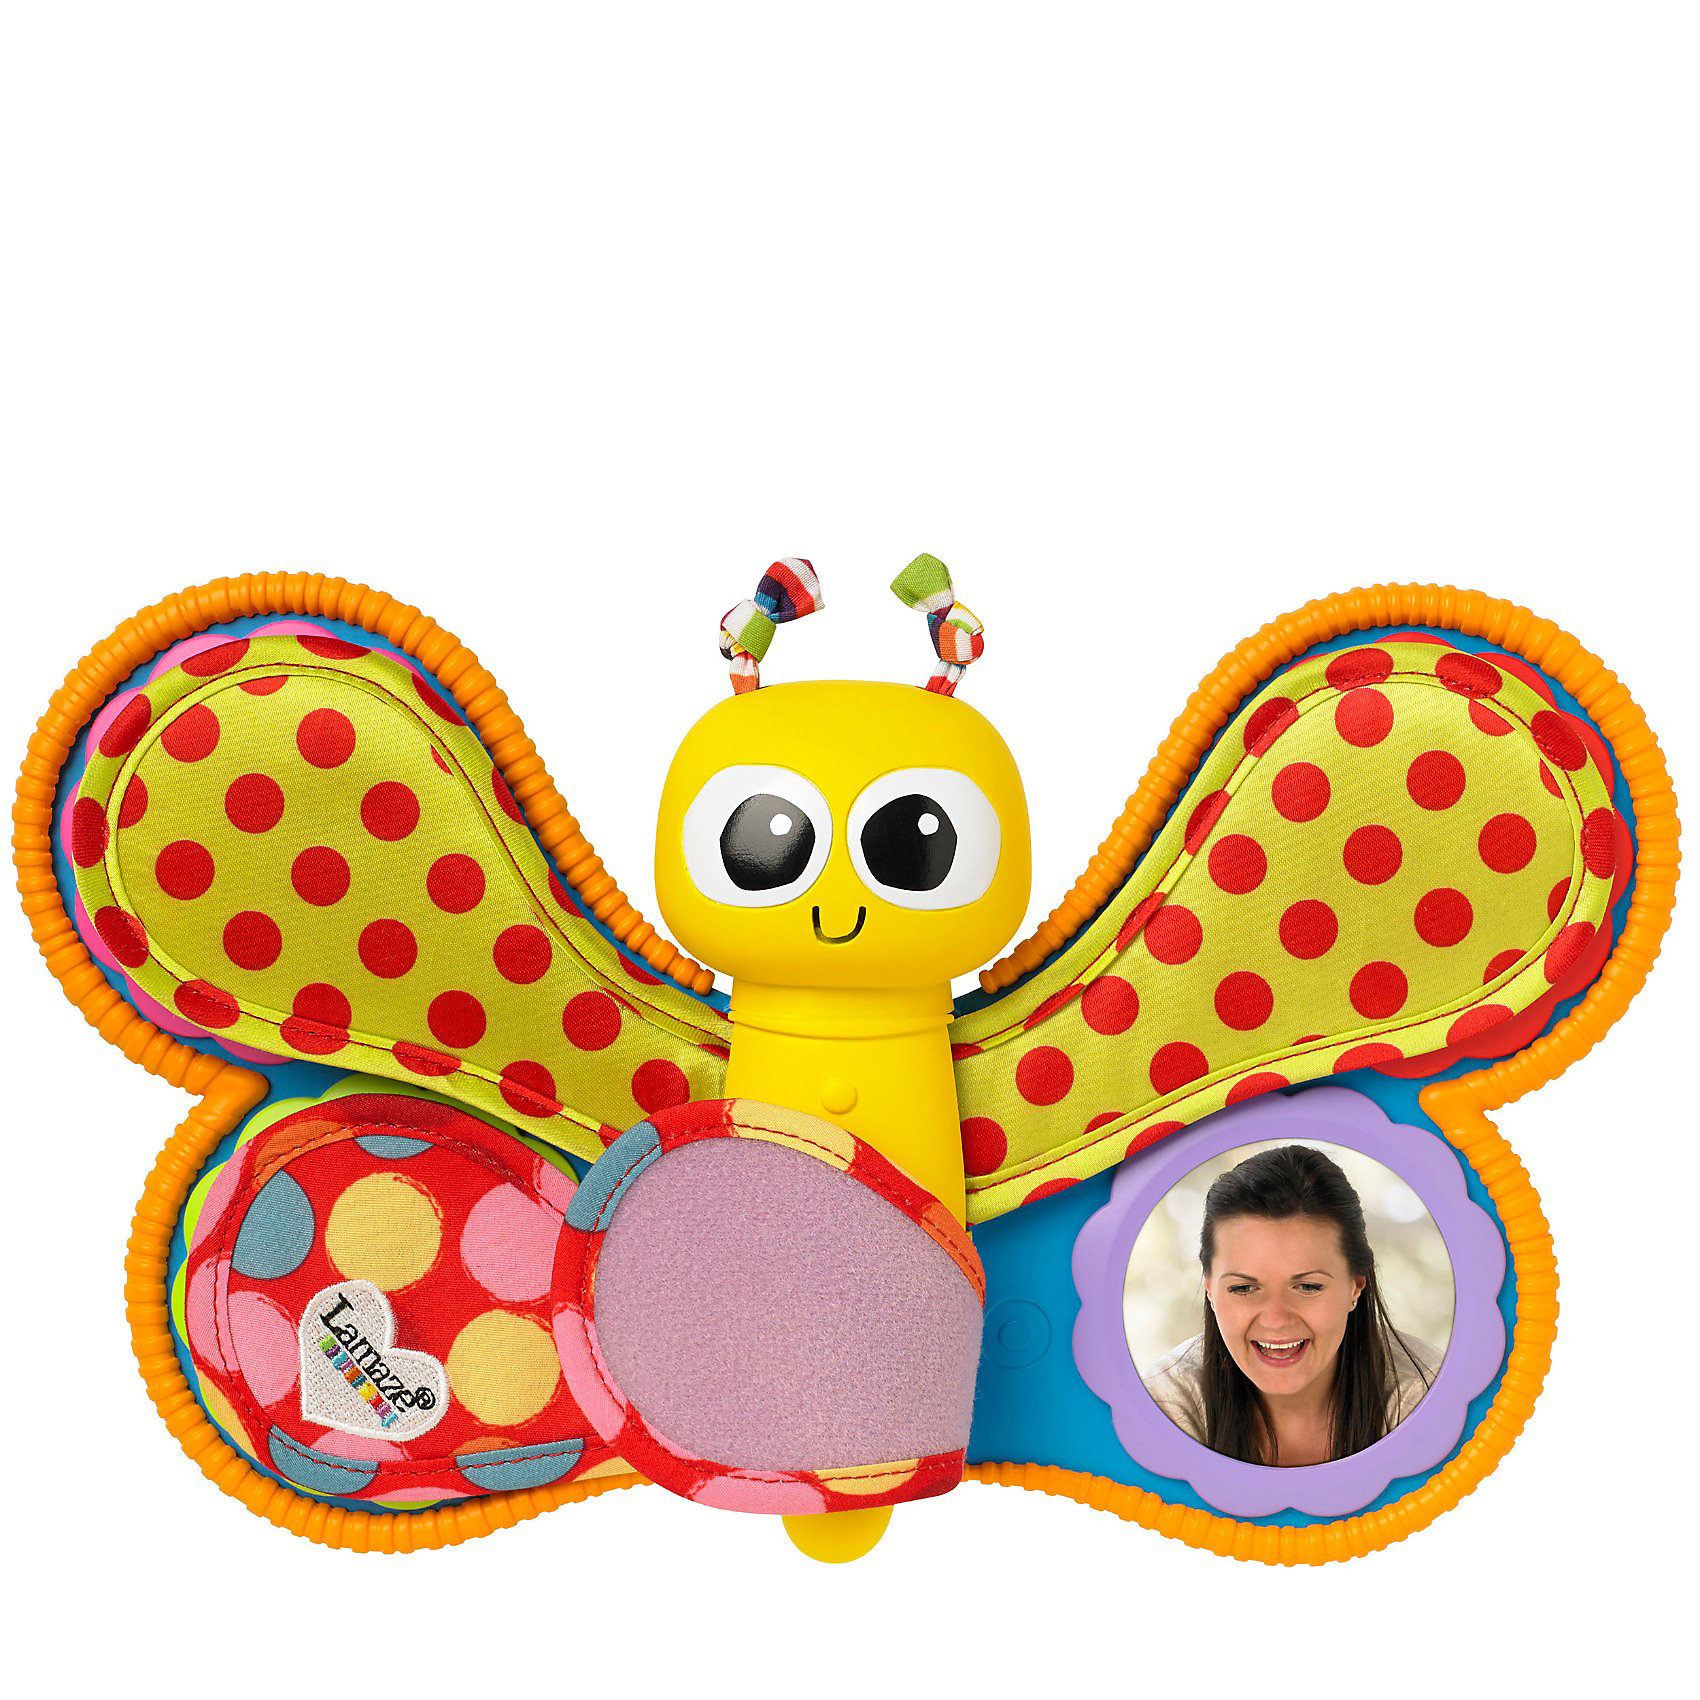 Фотоальбом Смотри и Слушай, LamazeРазвивающие игрушки<br>Веселая бабочка - это не просто замечательная яркая игрушка, это - первый альбом малыша! В каждом из крылышек бабочки прячется фотография. Малыш будет рад увидеть знакомые лица и послушать любимые мелодии и голоса (можно записать). Мягкий фотоальбом из тканей разной фактуры не только порадует вашего кроху, но и поможет развить тактильные ощущения, звуковое и цветовое восприятие. <br><br>Дополнительная информация:<br><br>- Материал: текстиль, пластик.<br>- Цвет: разноцветный.<br>- Размер: 27,2х30,5 см. <br>- Элемент питания: 2 ААА батарейки (демонстрационные в комплекте).<br><br>Фотоальбом Смотри и Слушай, Lamaze можно купить в нашем магазине.<br><br>Ширина мм: 309<br>Глубина мм: 225<br>Высота мм: 76<br>Вес г: 372<br>Возраст от месяцев: 6<br>Возраст до месяцев: 36<br>Пол: Унисекс<br>Возраст: Детский<br>SKU: 3592710